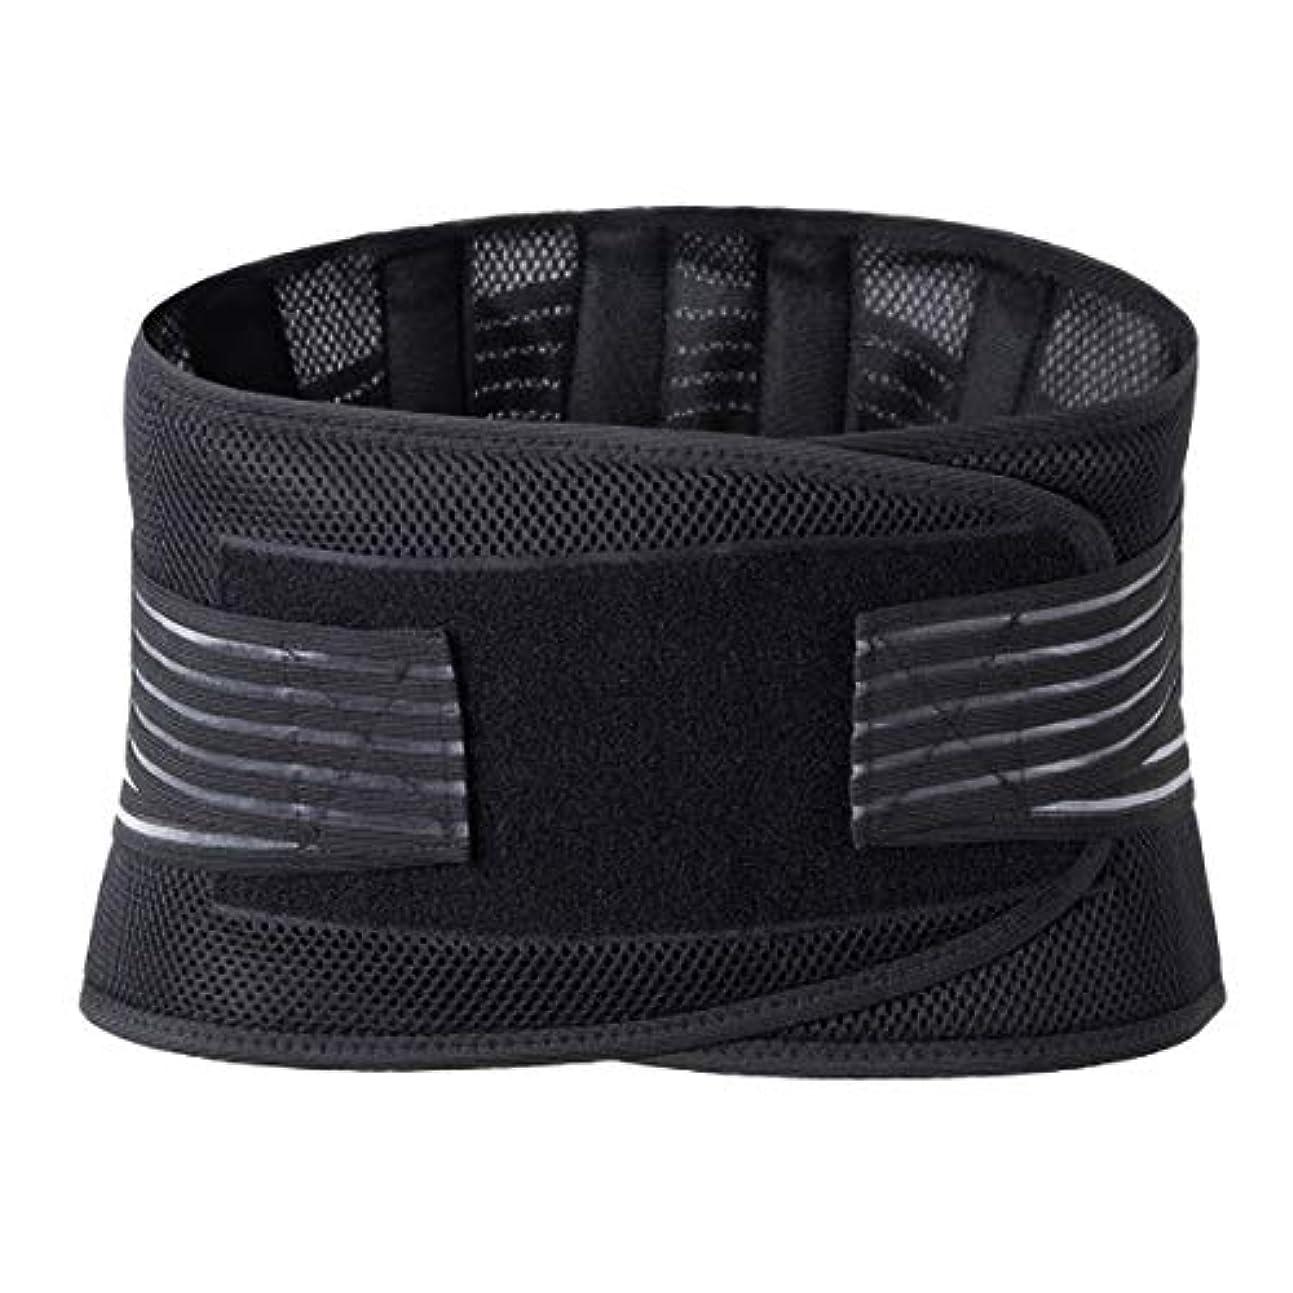 ずるいアクティビティギャラントリーランバーウエストサポートバックブレースベルトウエストサポートブレースフィットネススポーツ保護姿勢コレクター再構築 - ブラック